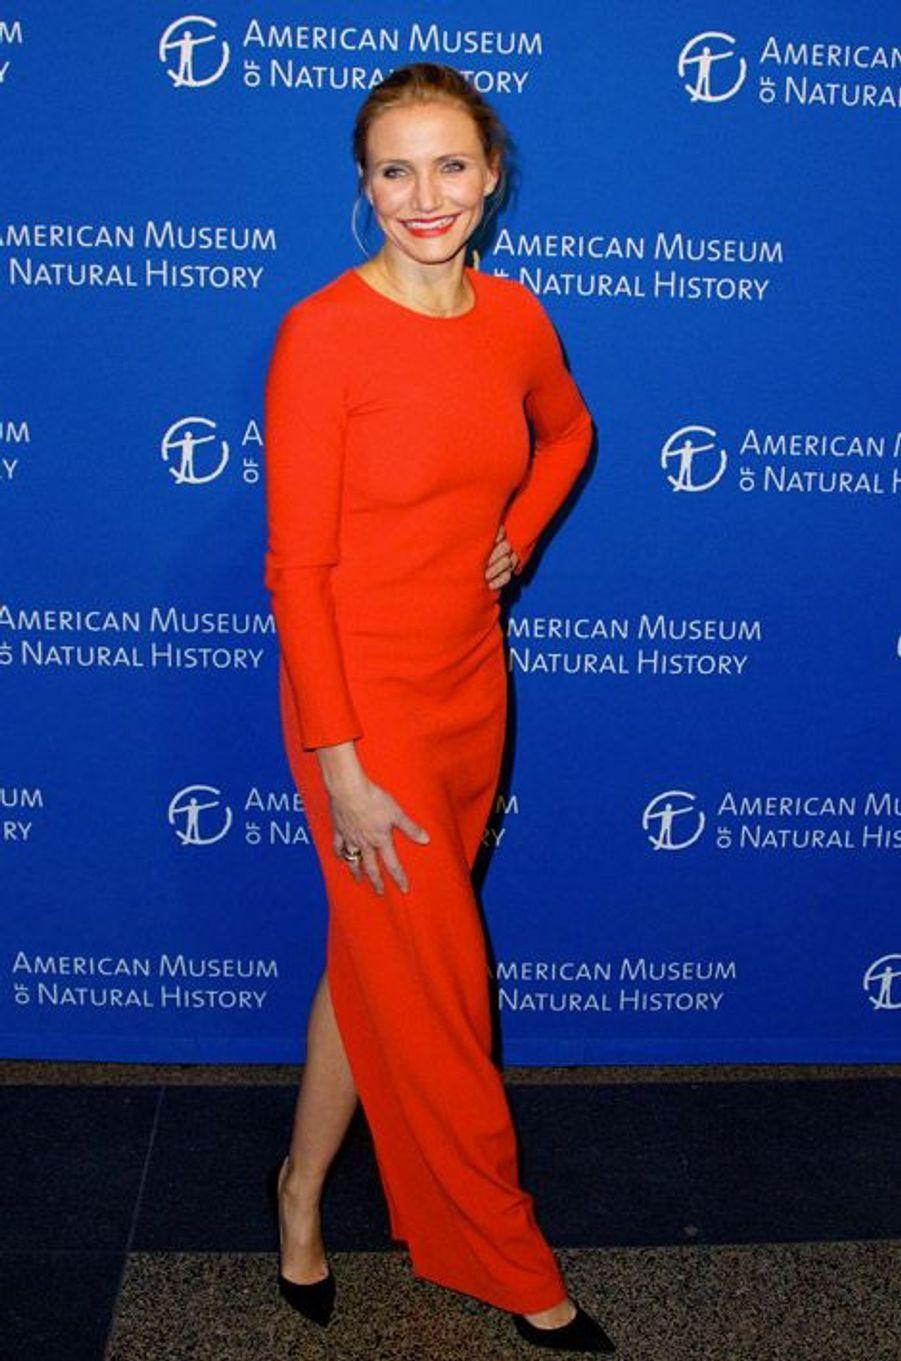 L'actrice Cameron Diaz au gala du musée d'histoire naturelle de New York, le 20 novembre 2014